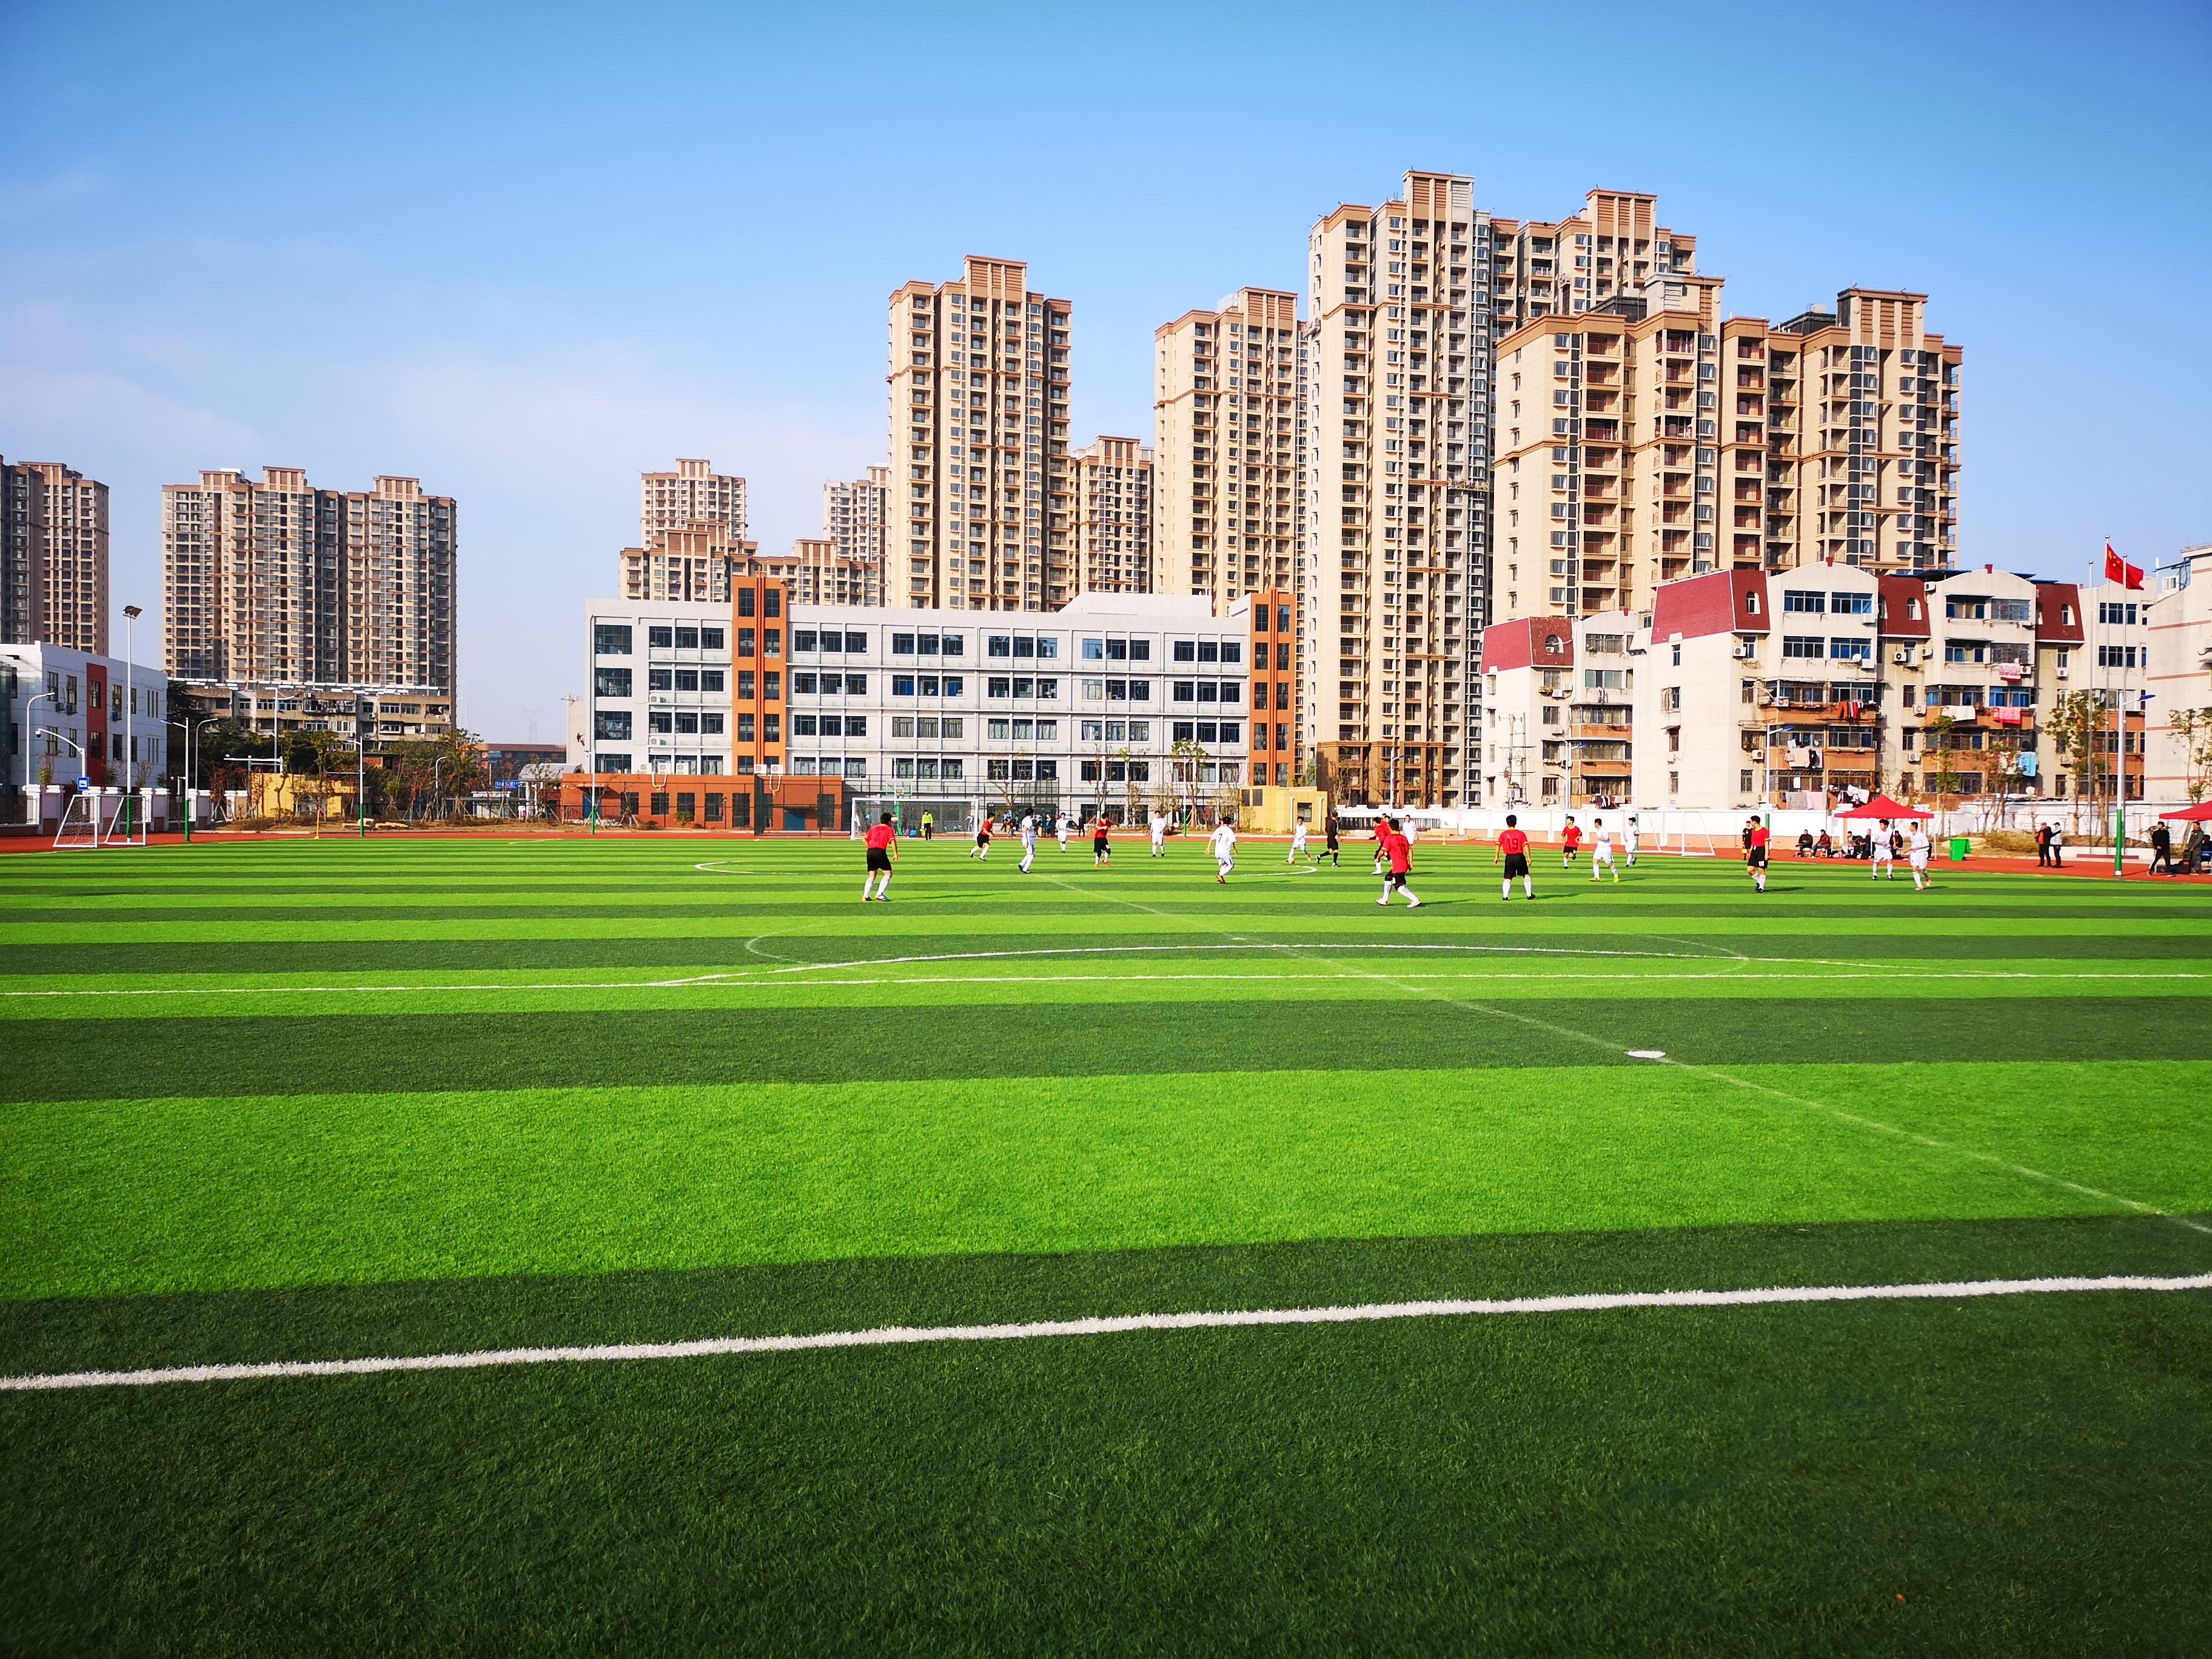 奔跑的校园足球,不应被短期功利思维束缚了手脚